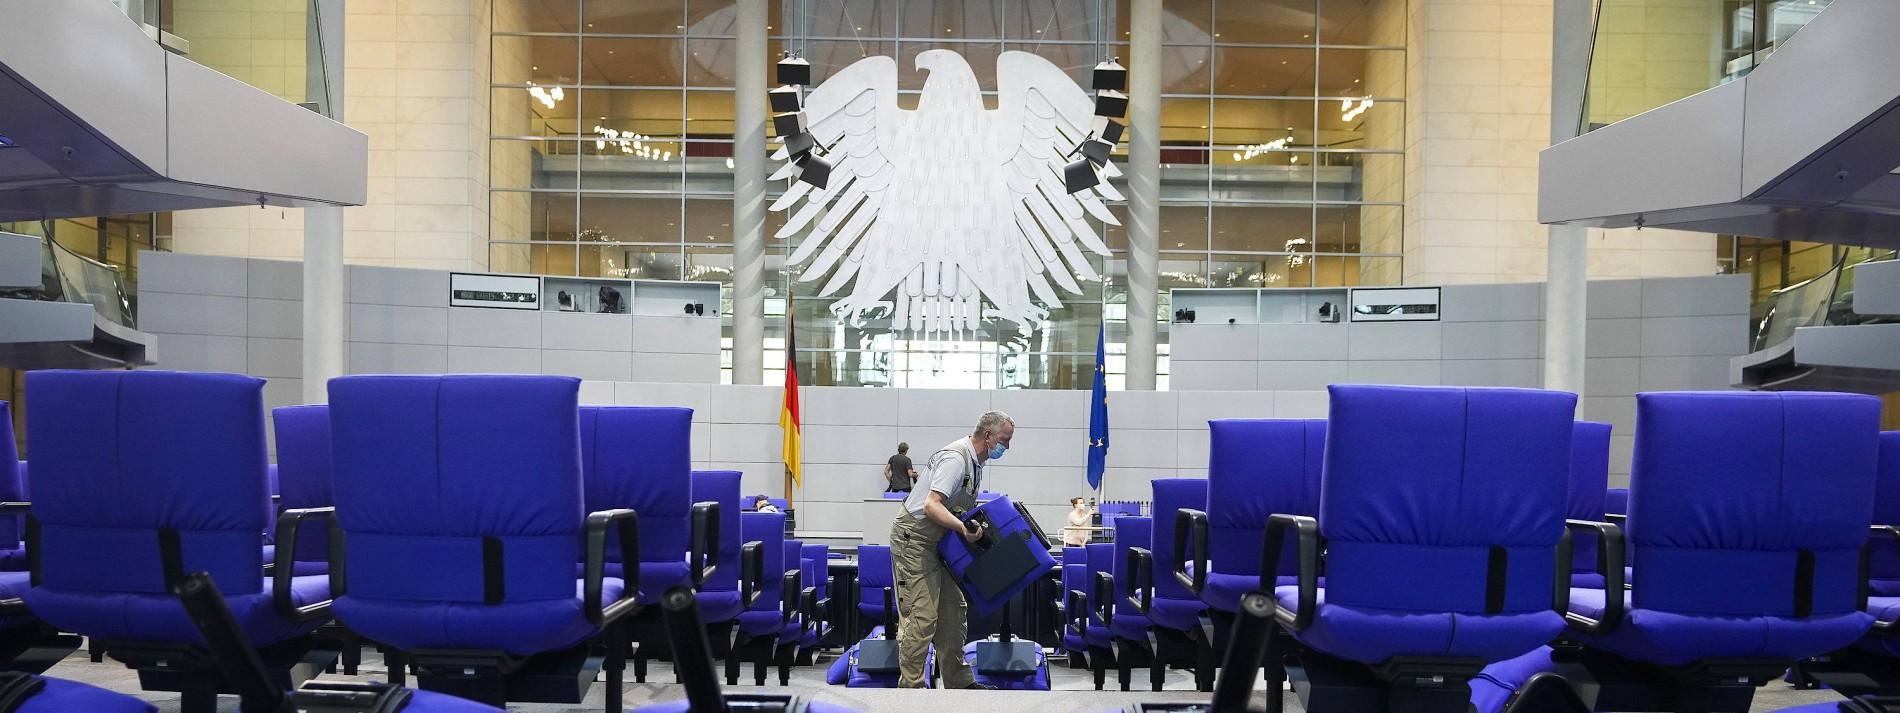 Wer sitzt wo im neuen Bundestag?